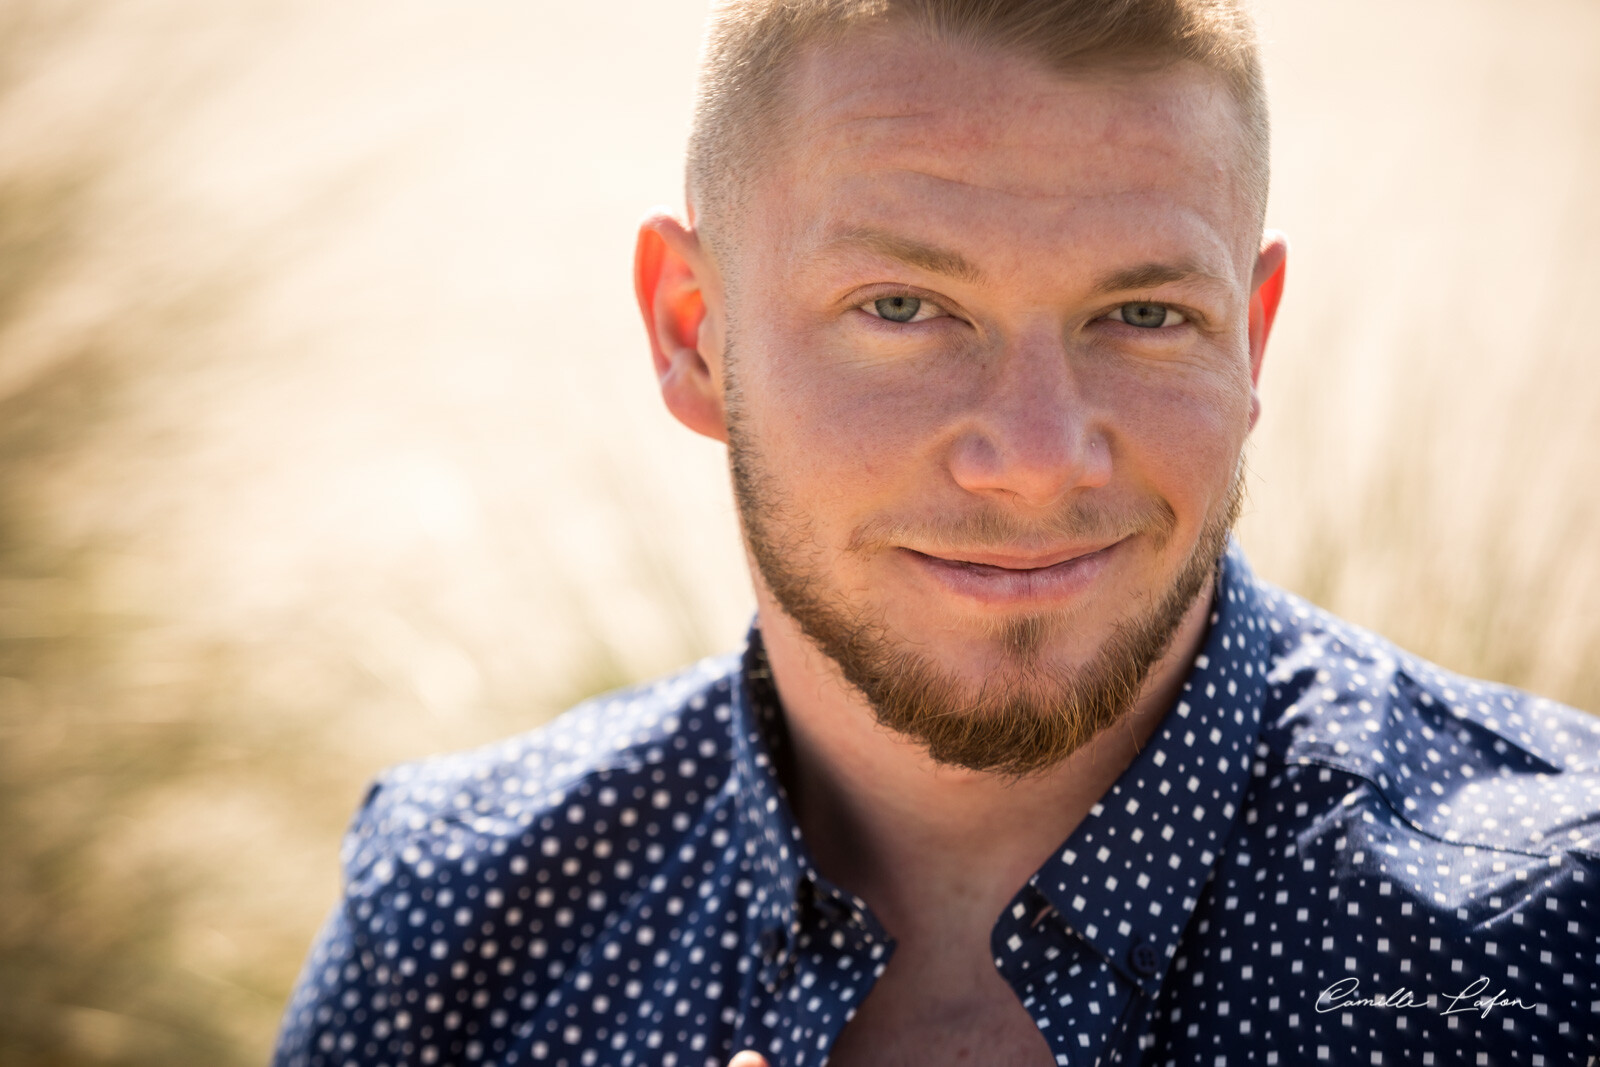 photographe montpellier portrait crossfit plage homme